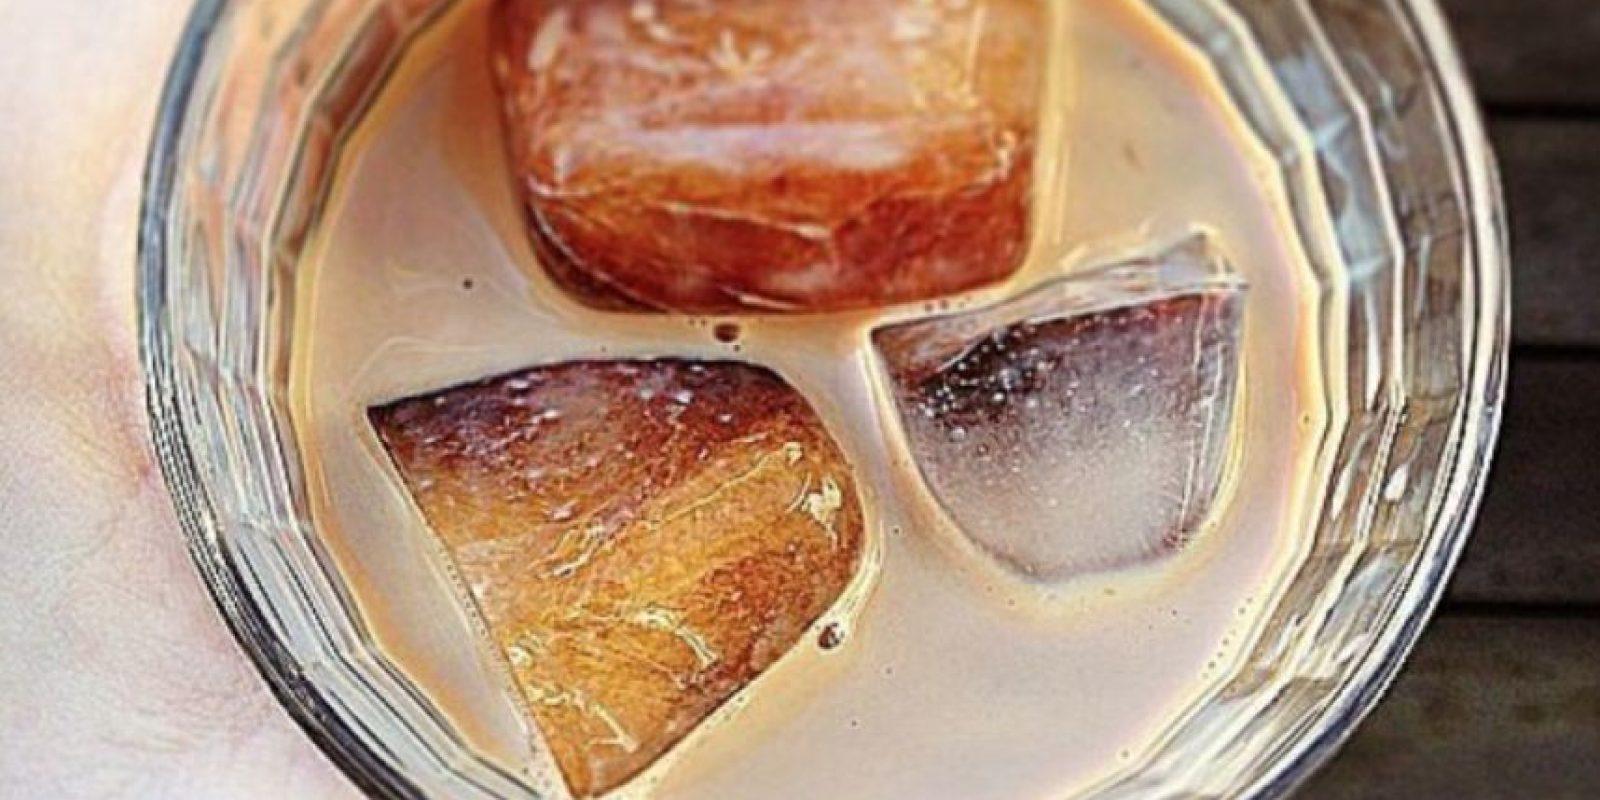 Hacer café frío: es mejor poner el cafe en hielo, para luego mezclarlo con leche y así no se diluirá. Foto:vía Getty Images